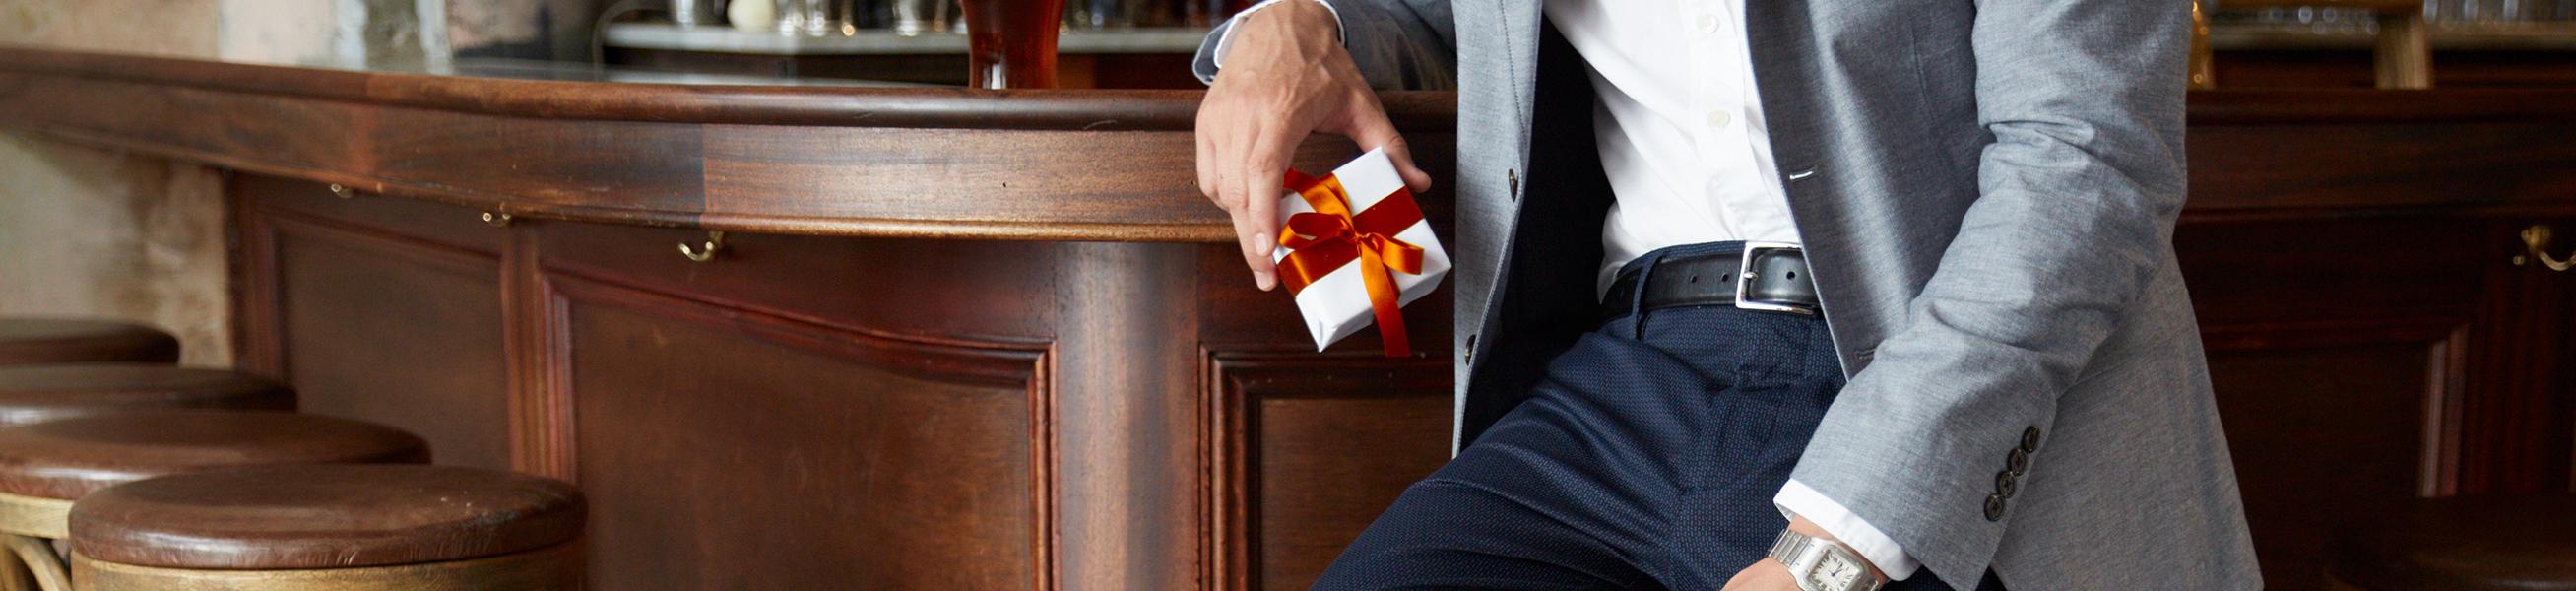 Suitable Cadeautips!